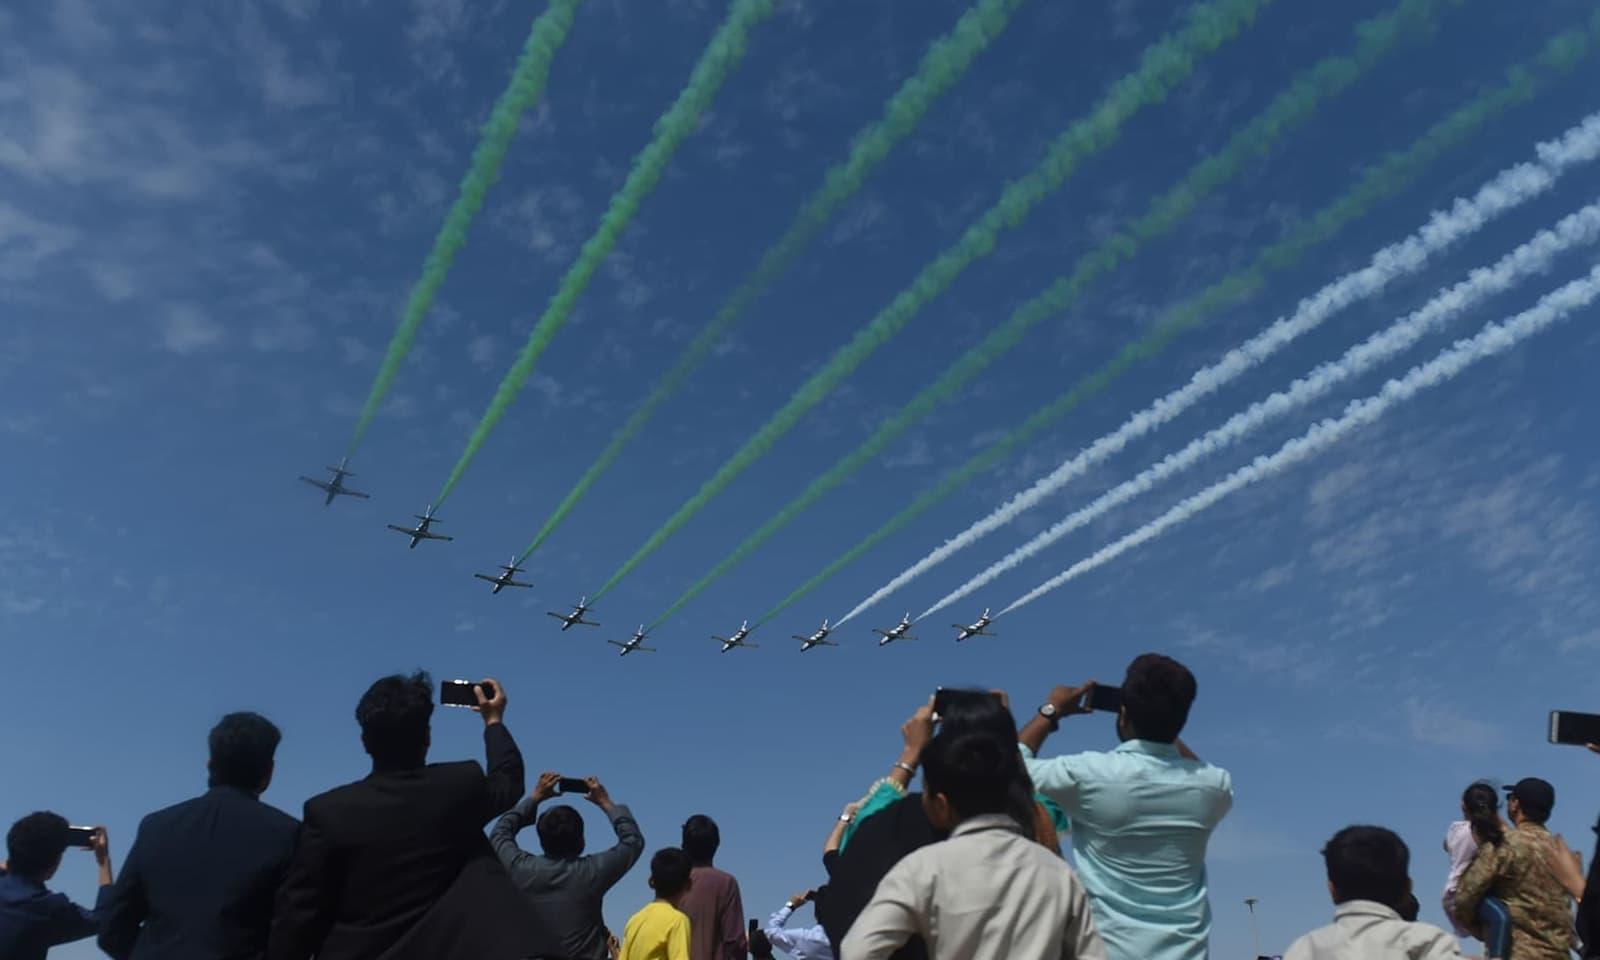 گرفتار بھارتی پائلٹ نے پاک فوج کے رویے کی تعریف کی تھی—فوٹو: اے ایف پی